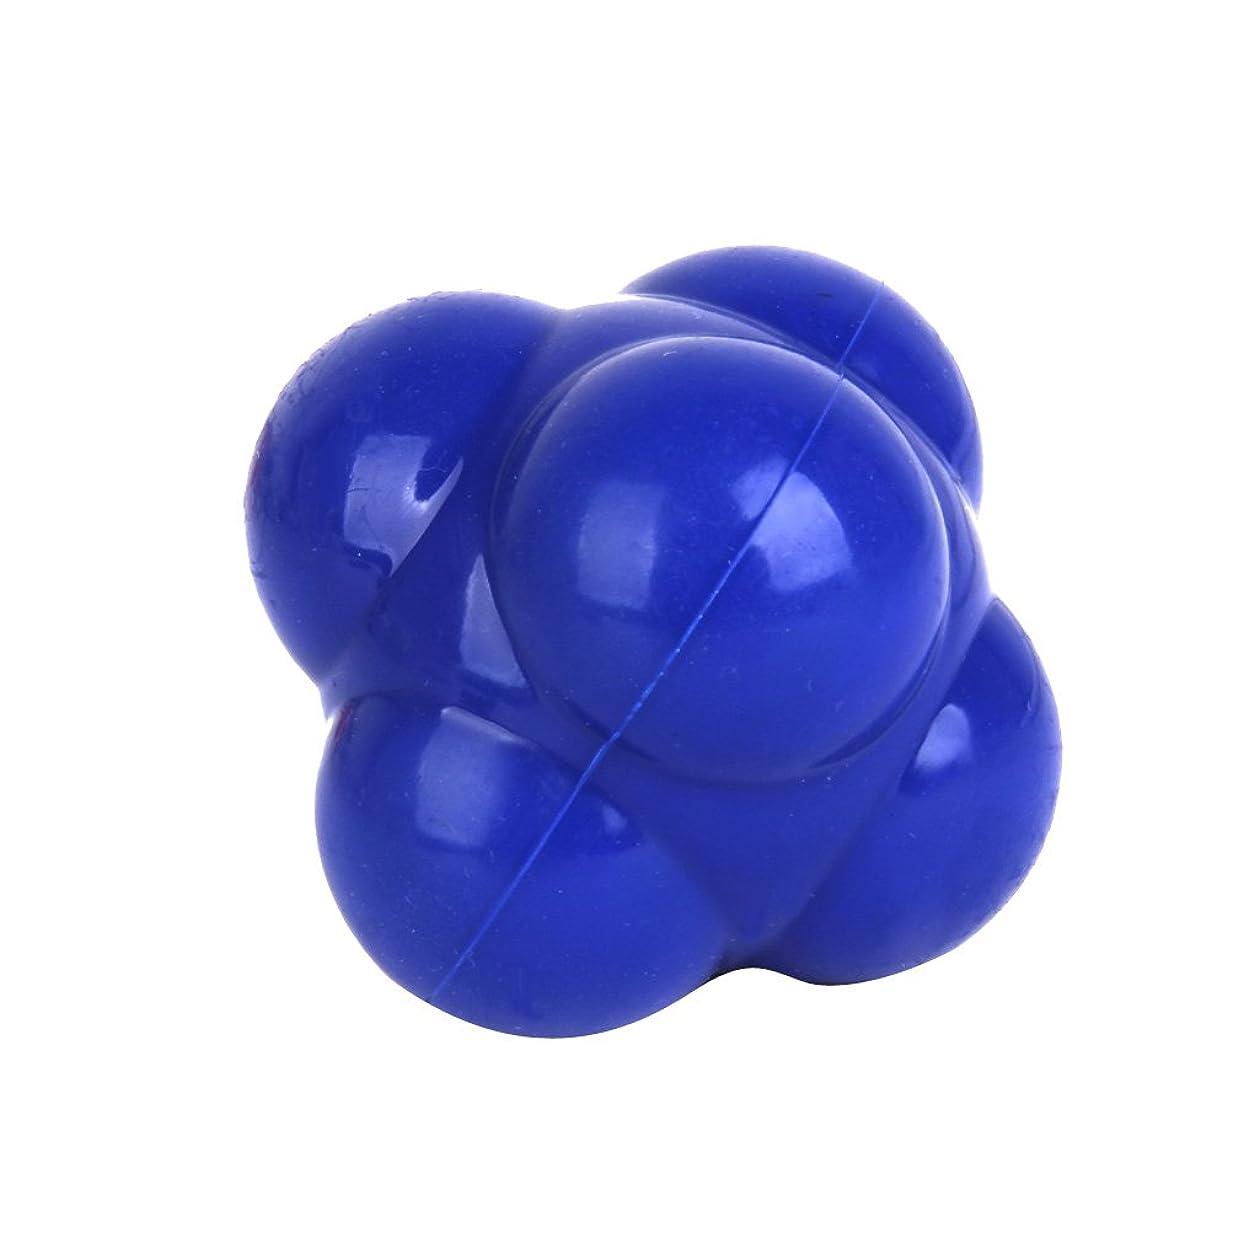 名目上のかご付き添い人【ノーブランド品】六角反応ボール 六角マッサージボール 反射運動トレーニング 青